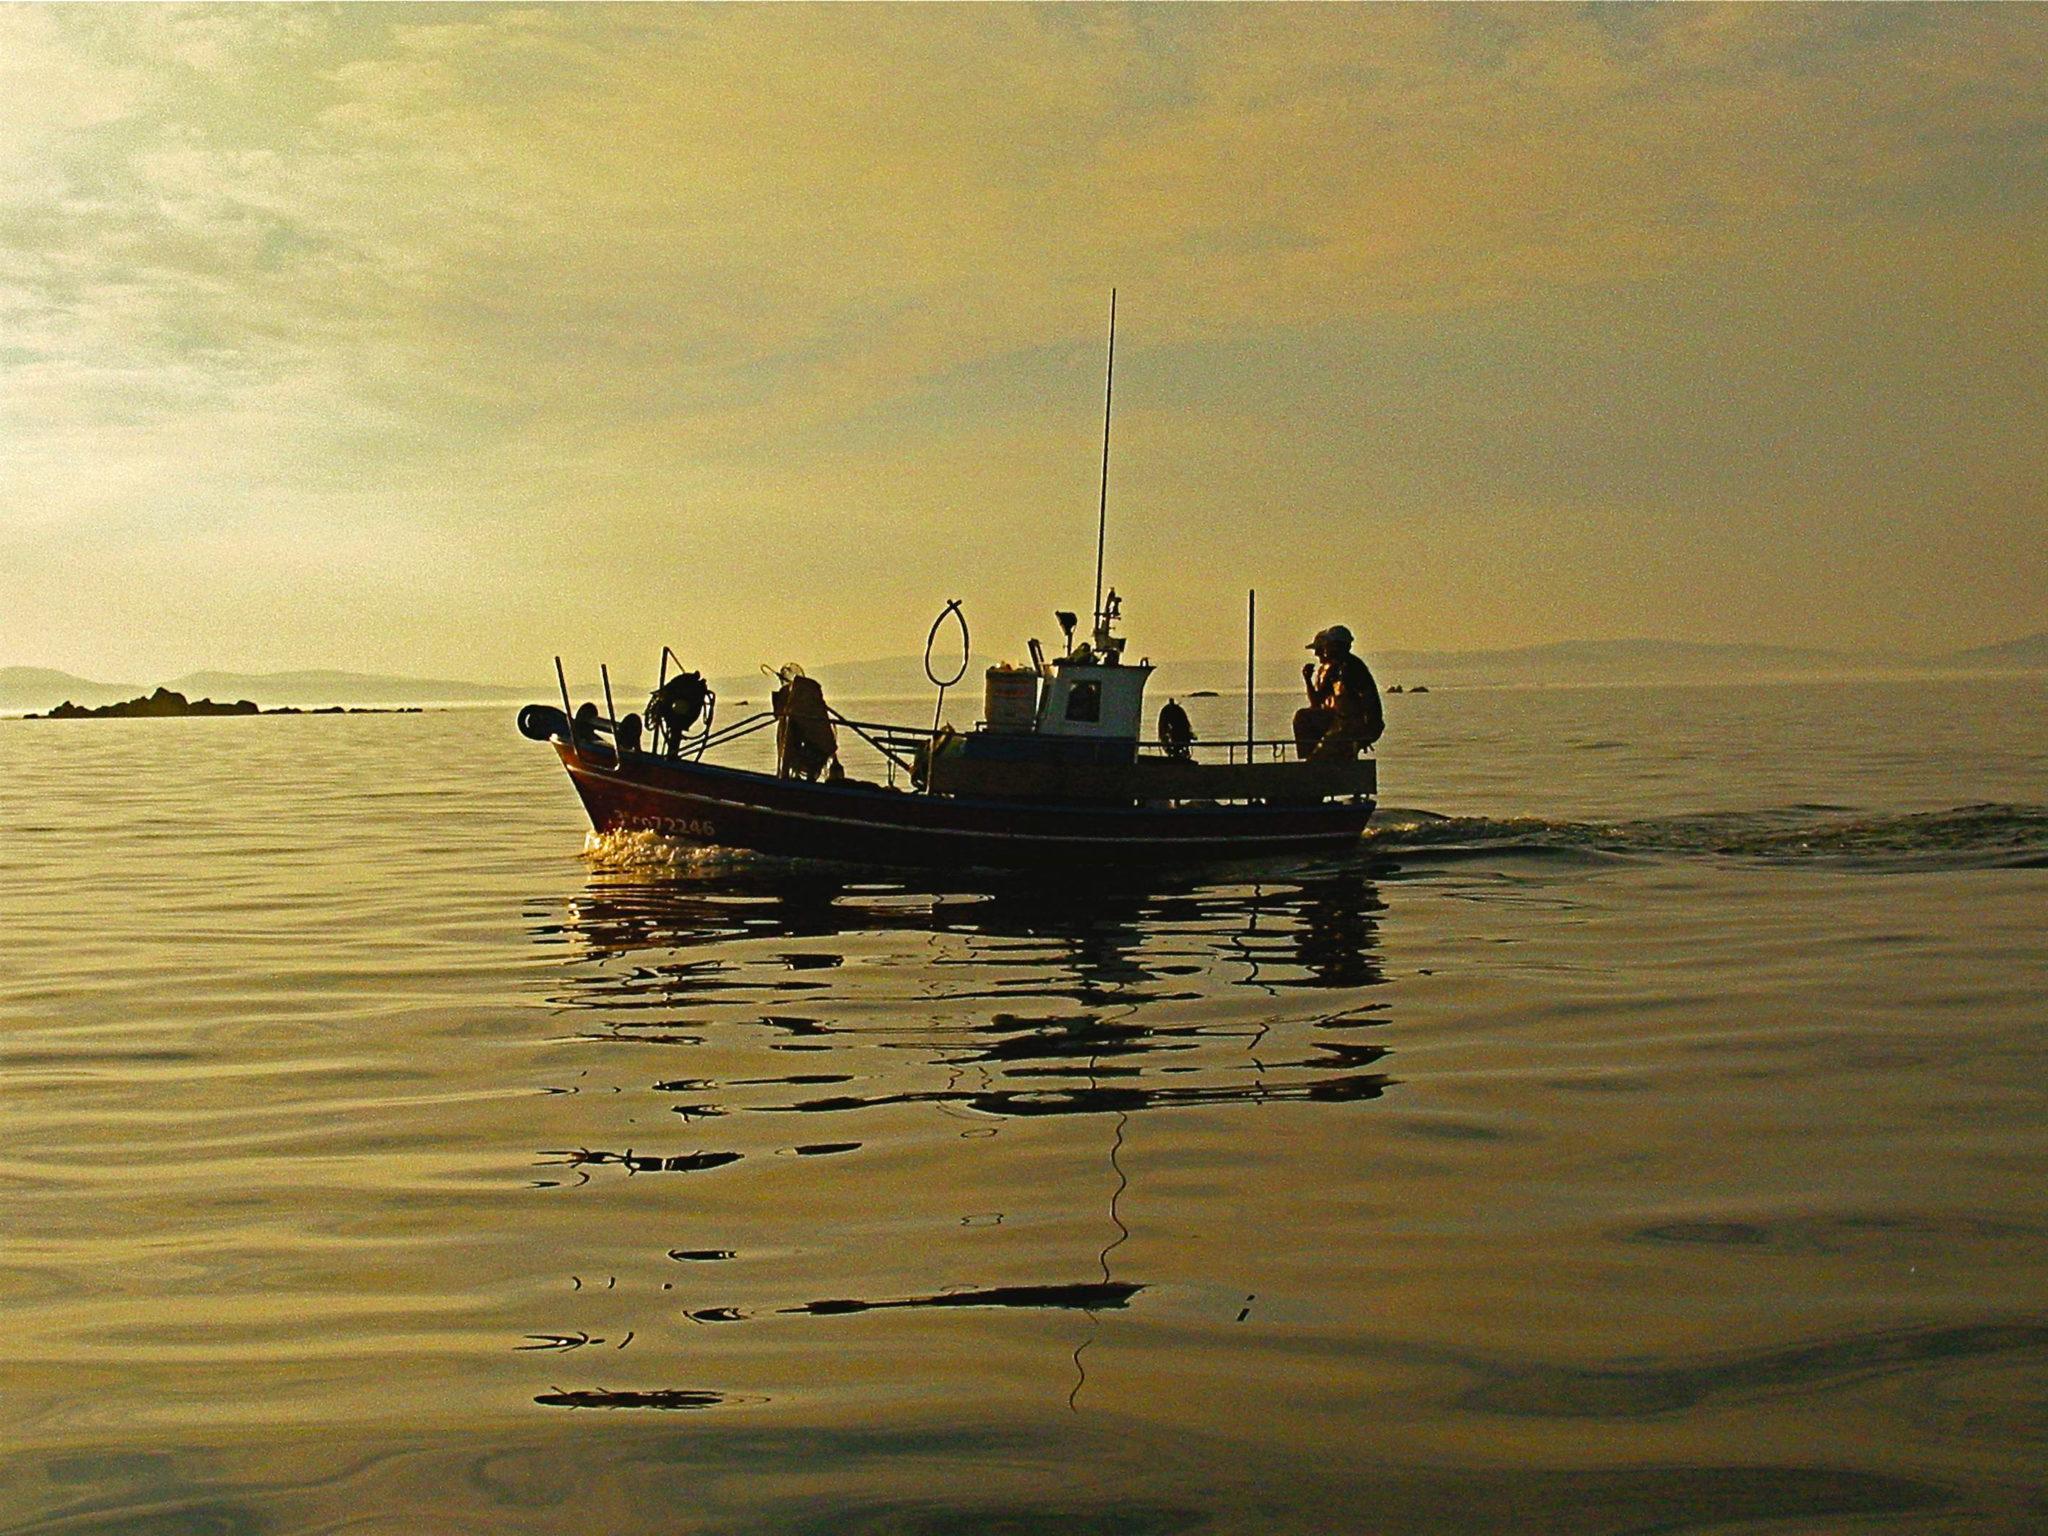 La vida de un pescador artesanal